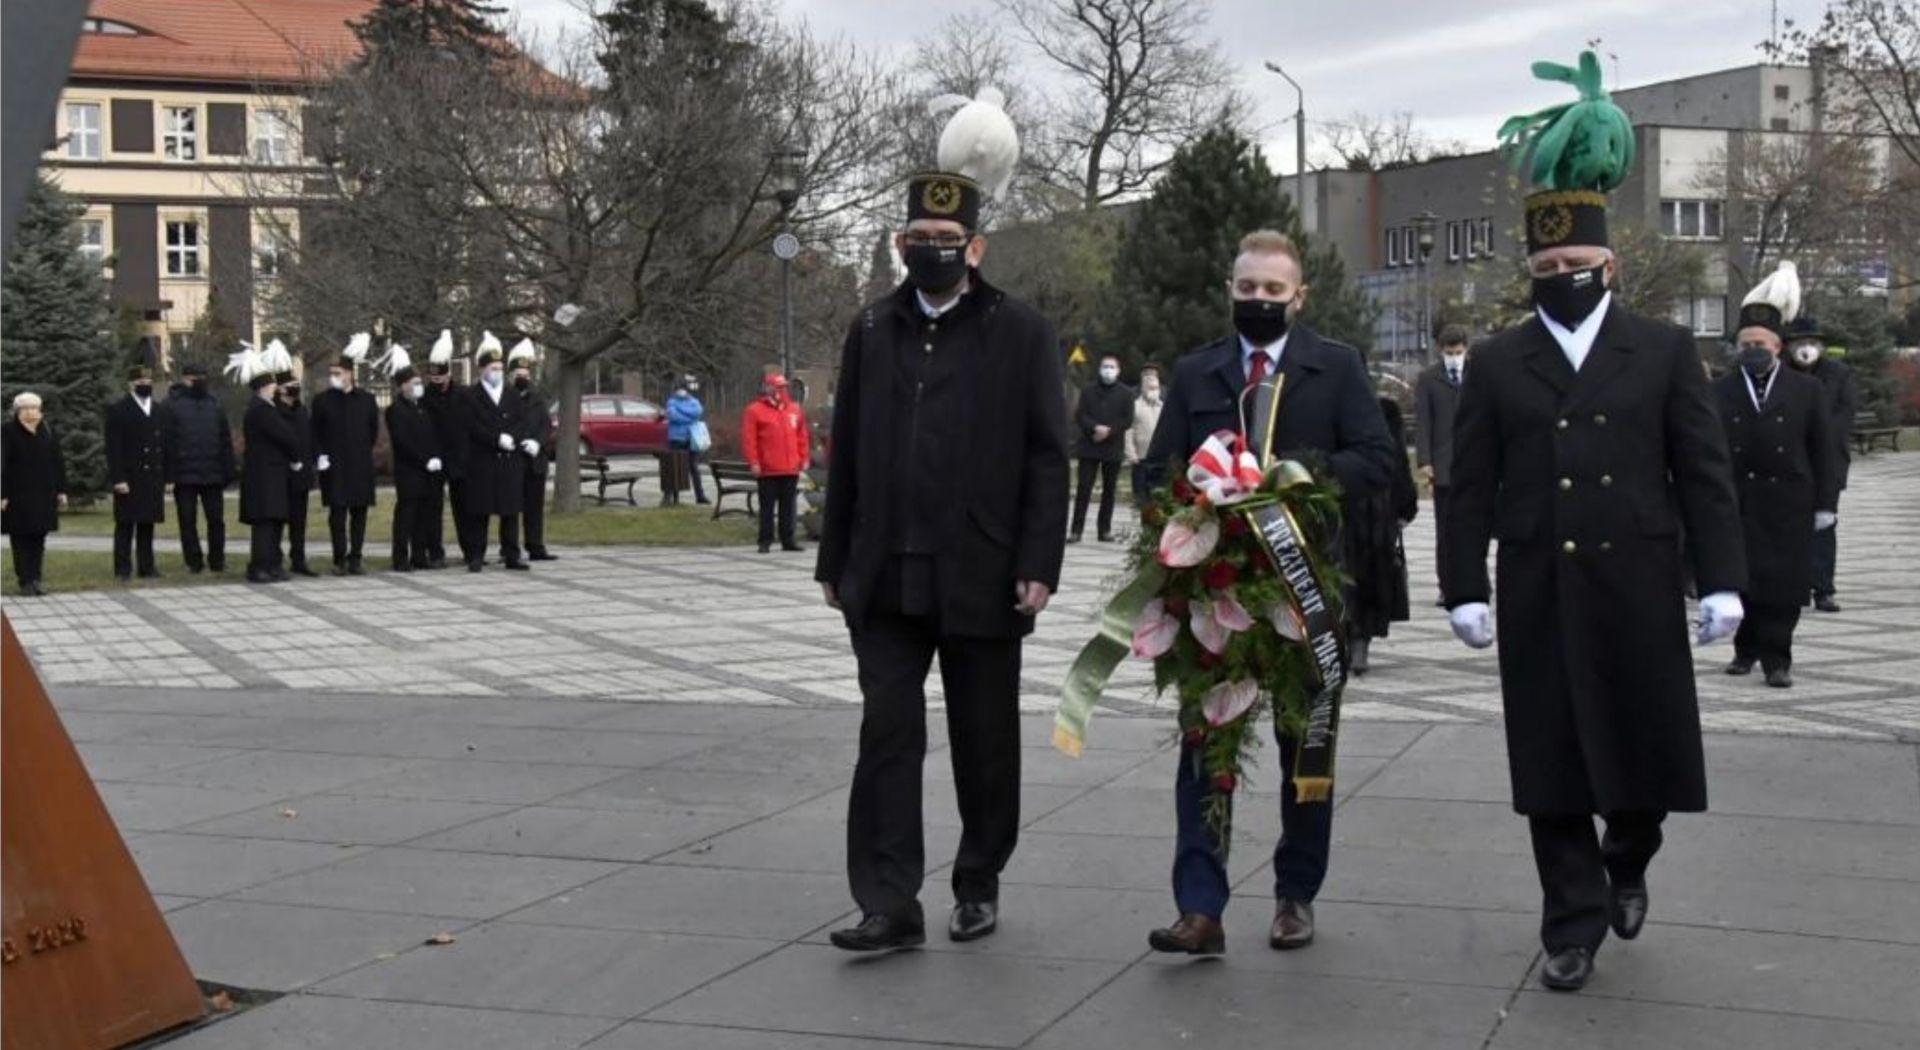 Prezydent Knurowa, Przewodniczący Rady Miasta oraz radny Sejmiku Wojewódzkiego składają kwiaty pod pomnikiem św. Barbary